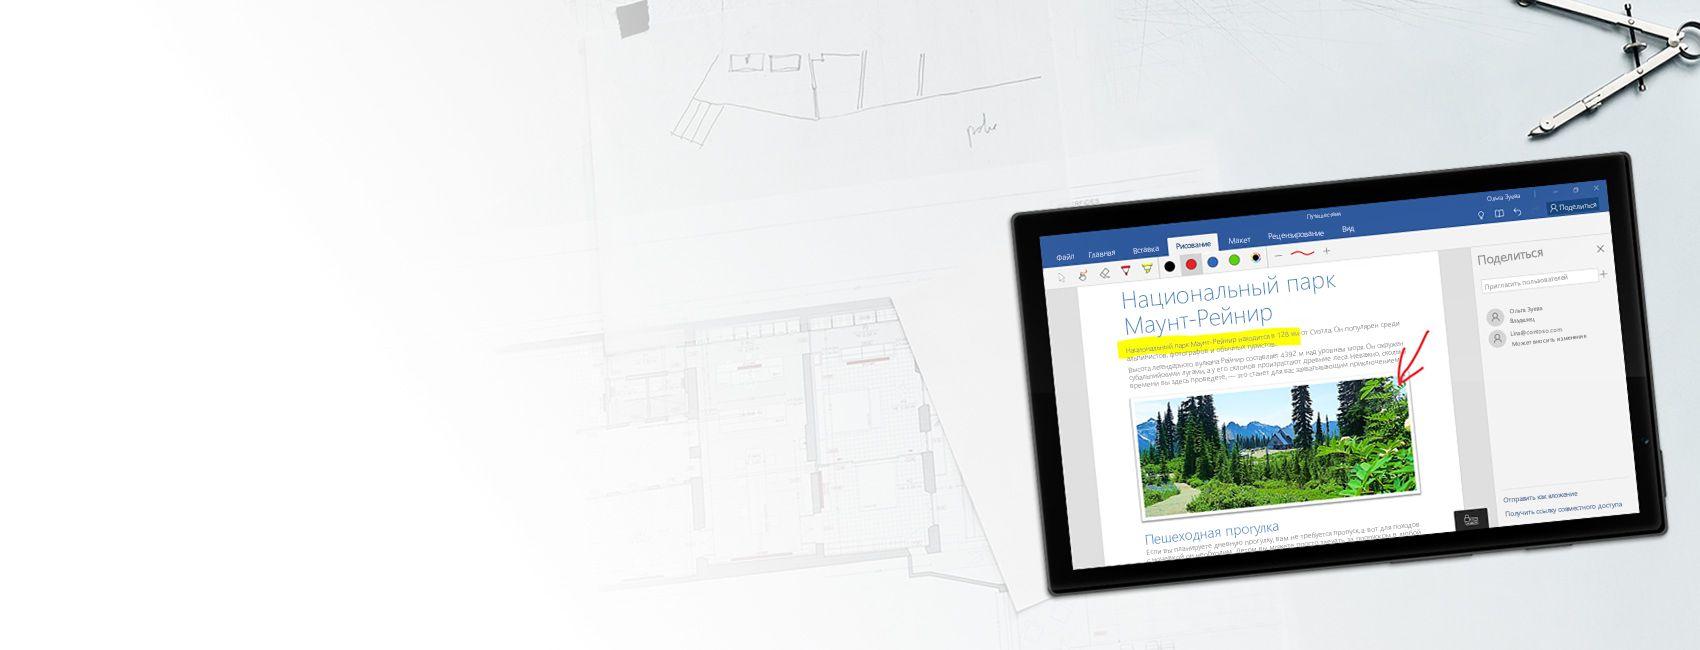 Планшет с Windows, на экране которого— документ Word для Windows10 Mobile, посвященный национальному парку Маунт-Рейнир.